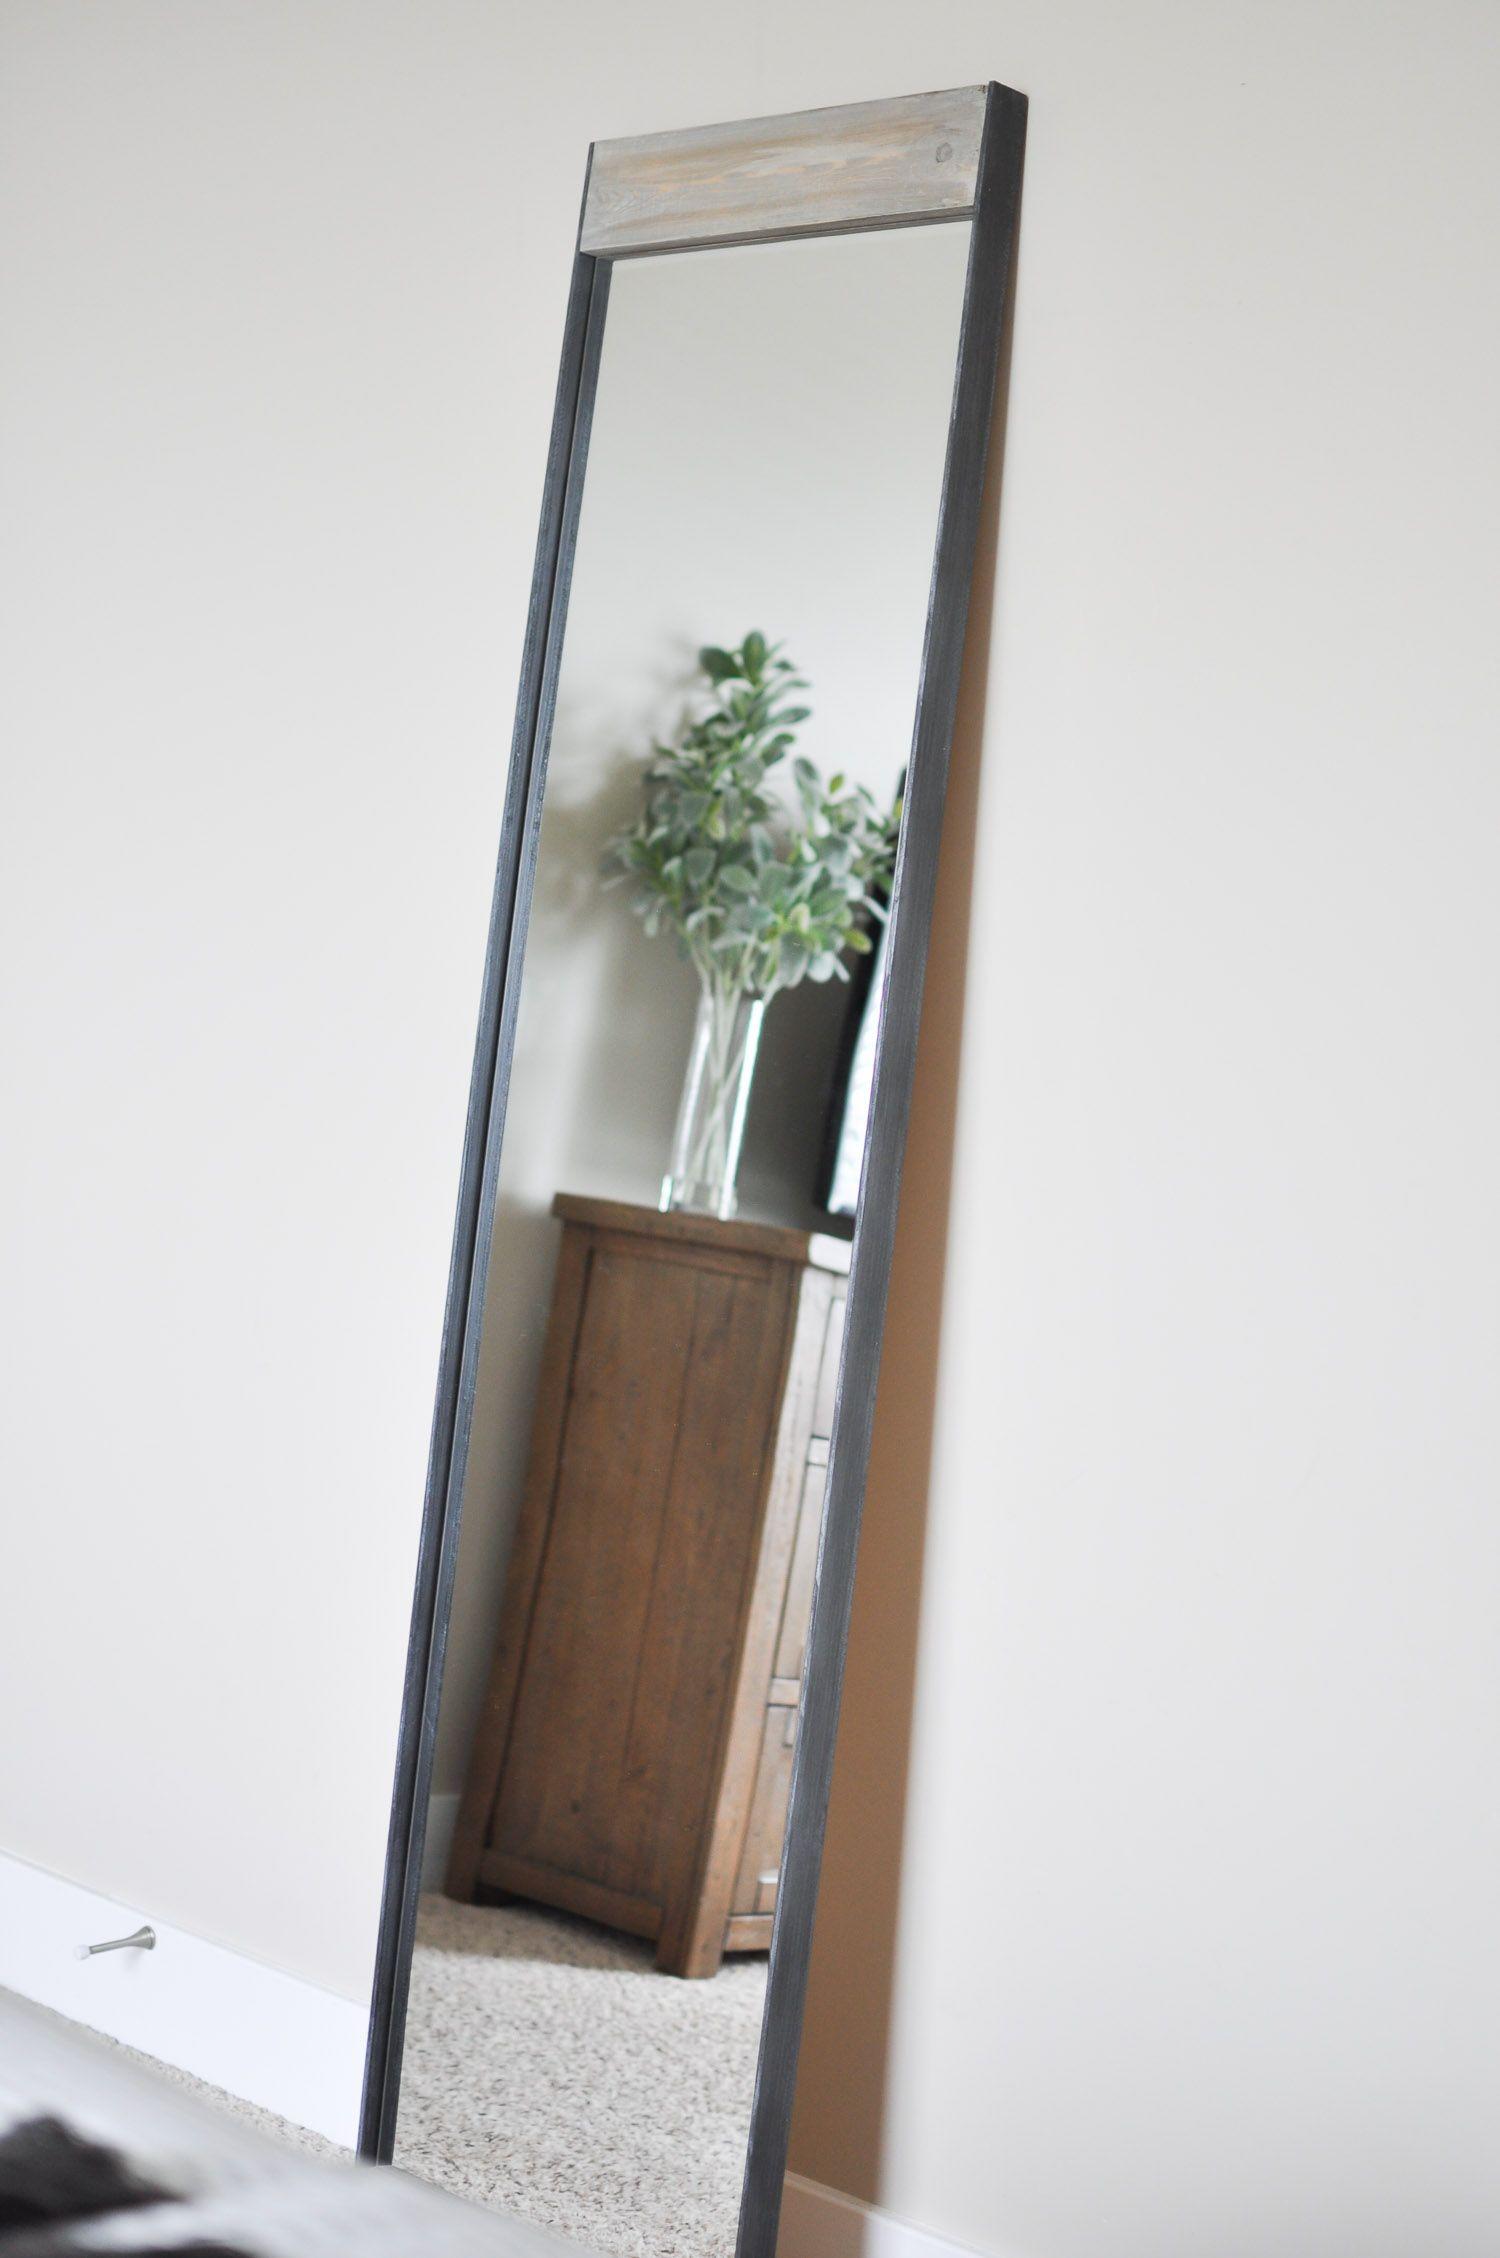 Industrial Metal And Wood Floor Mirror Tutorial Mirror Wall